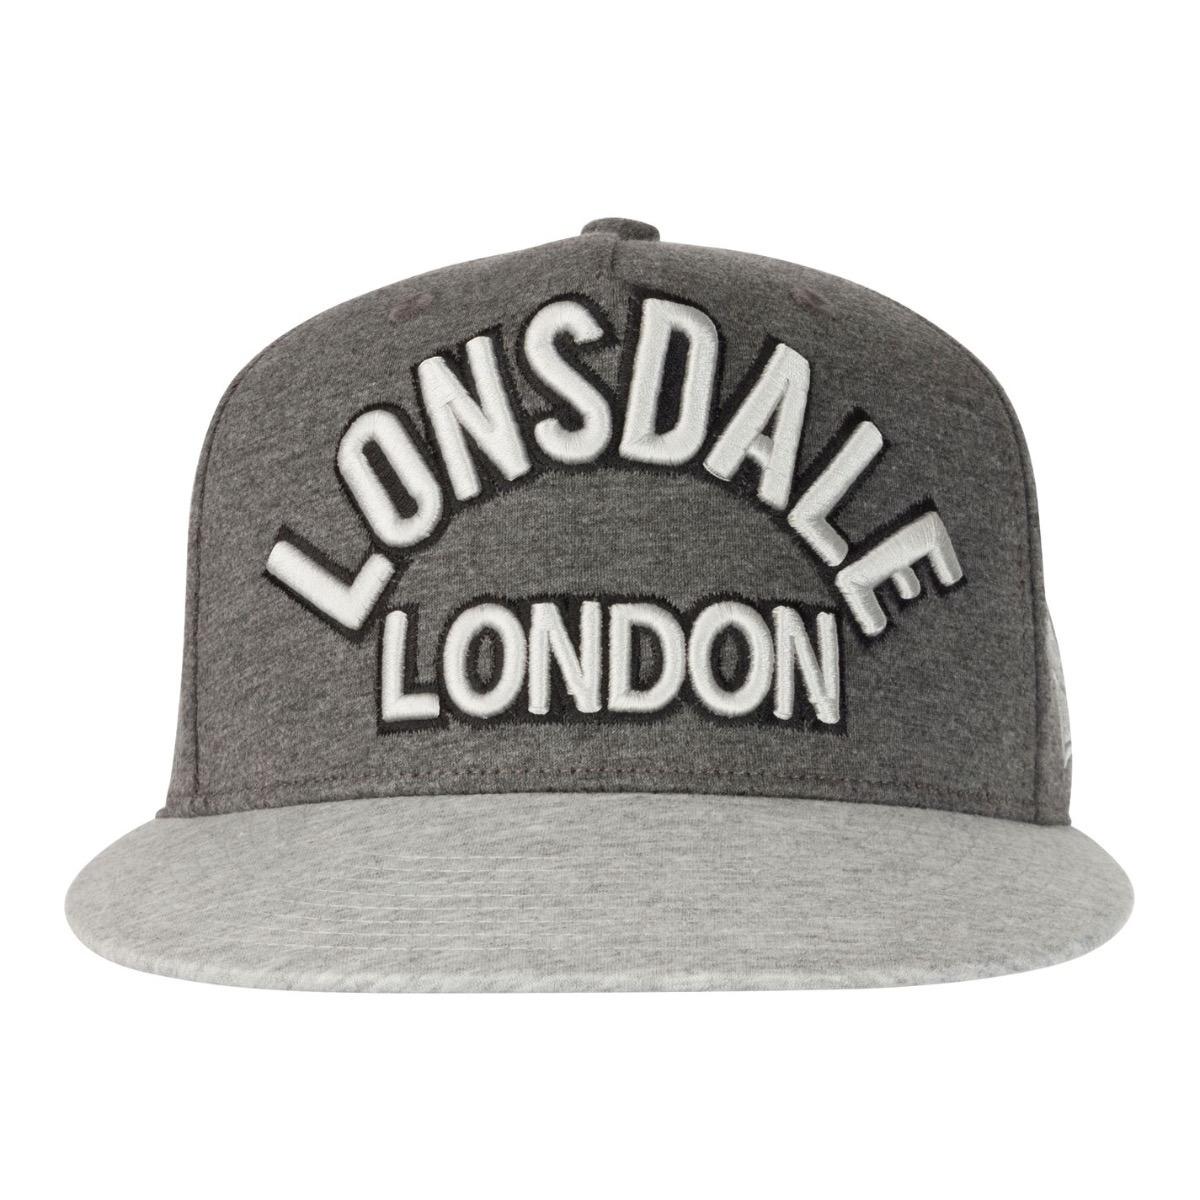 Gorra Lonsdale Para Hombre Importada Desde Londres ! -   58.000 en ... 36c6ed1e9de